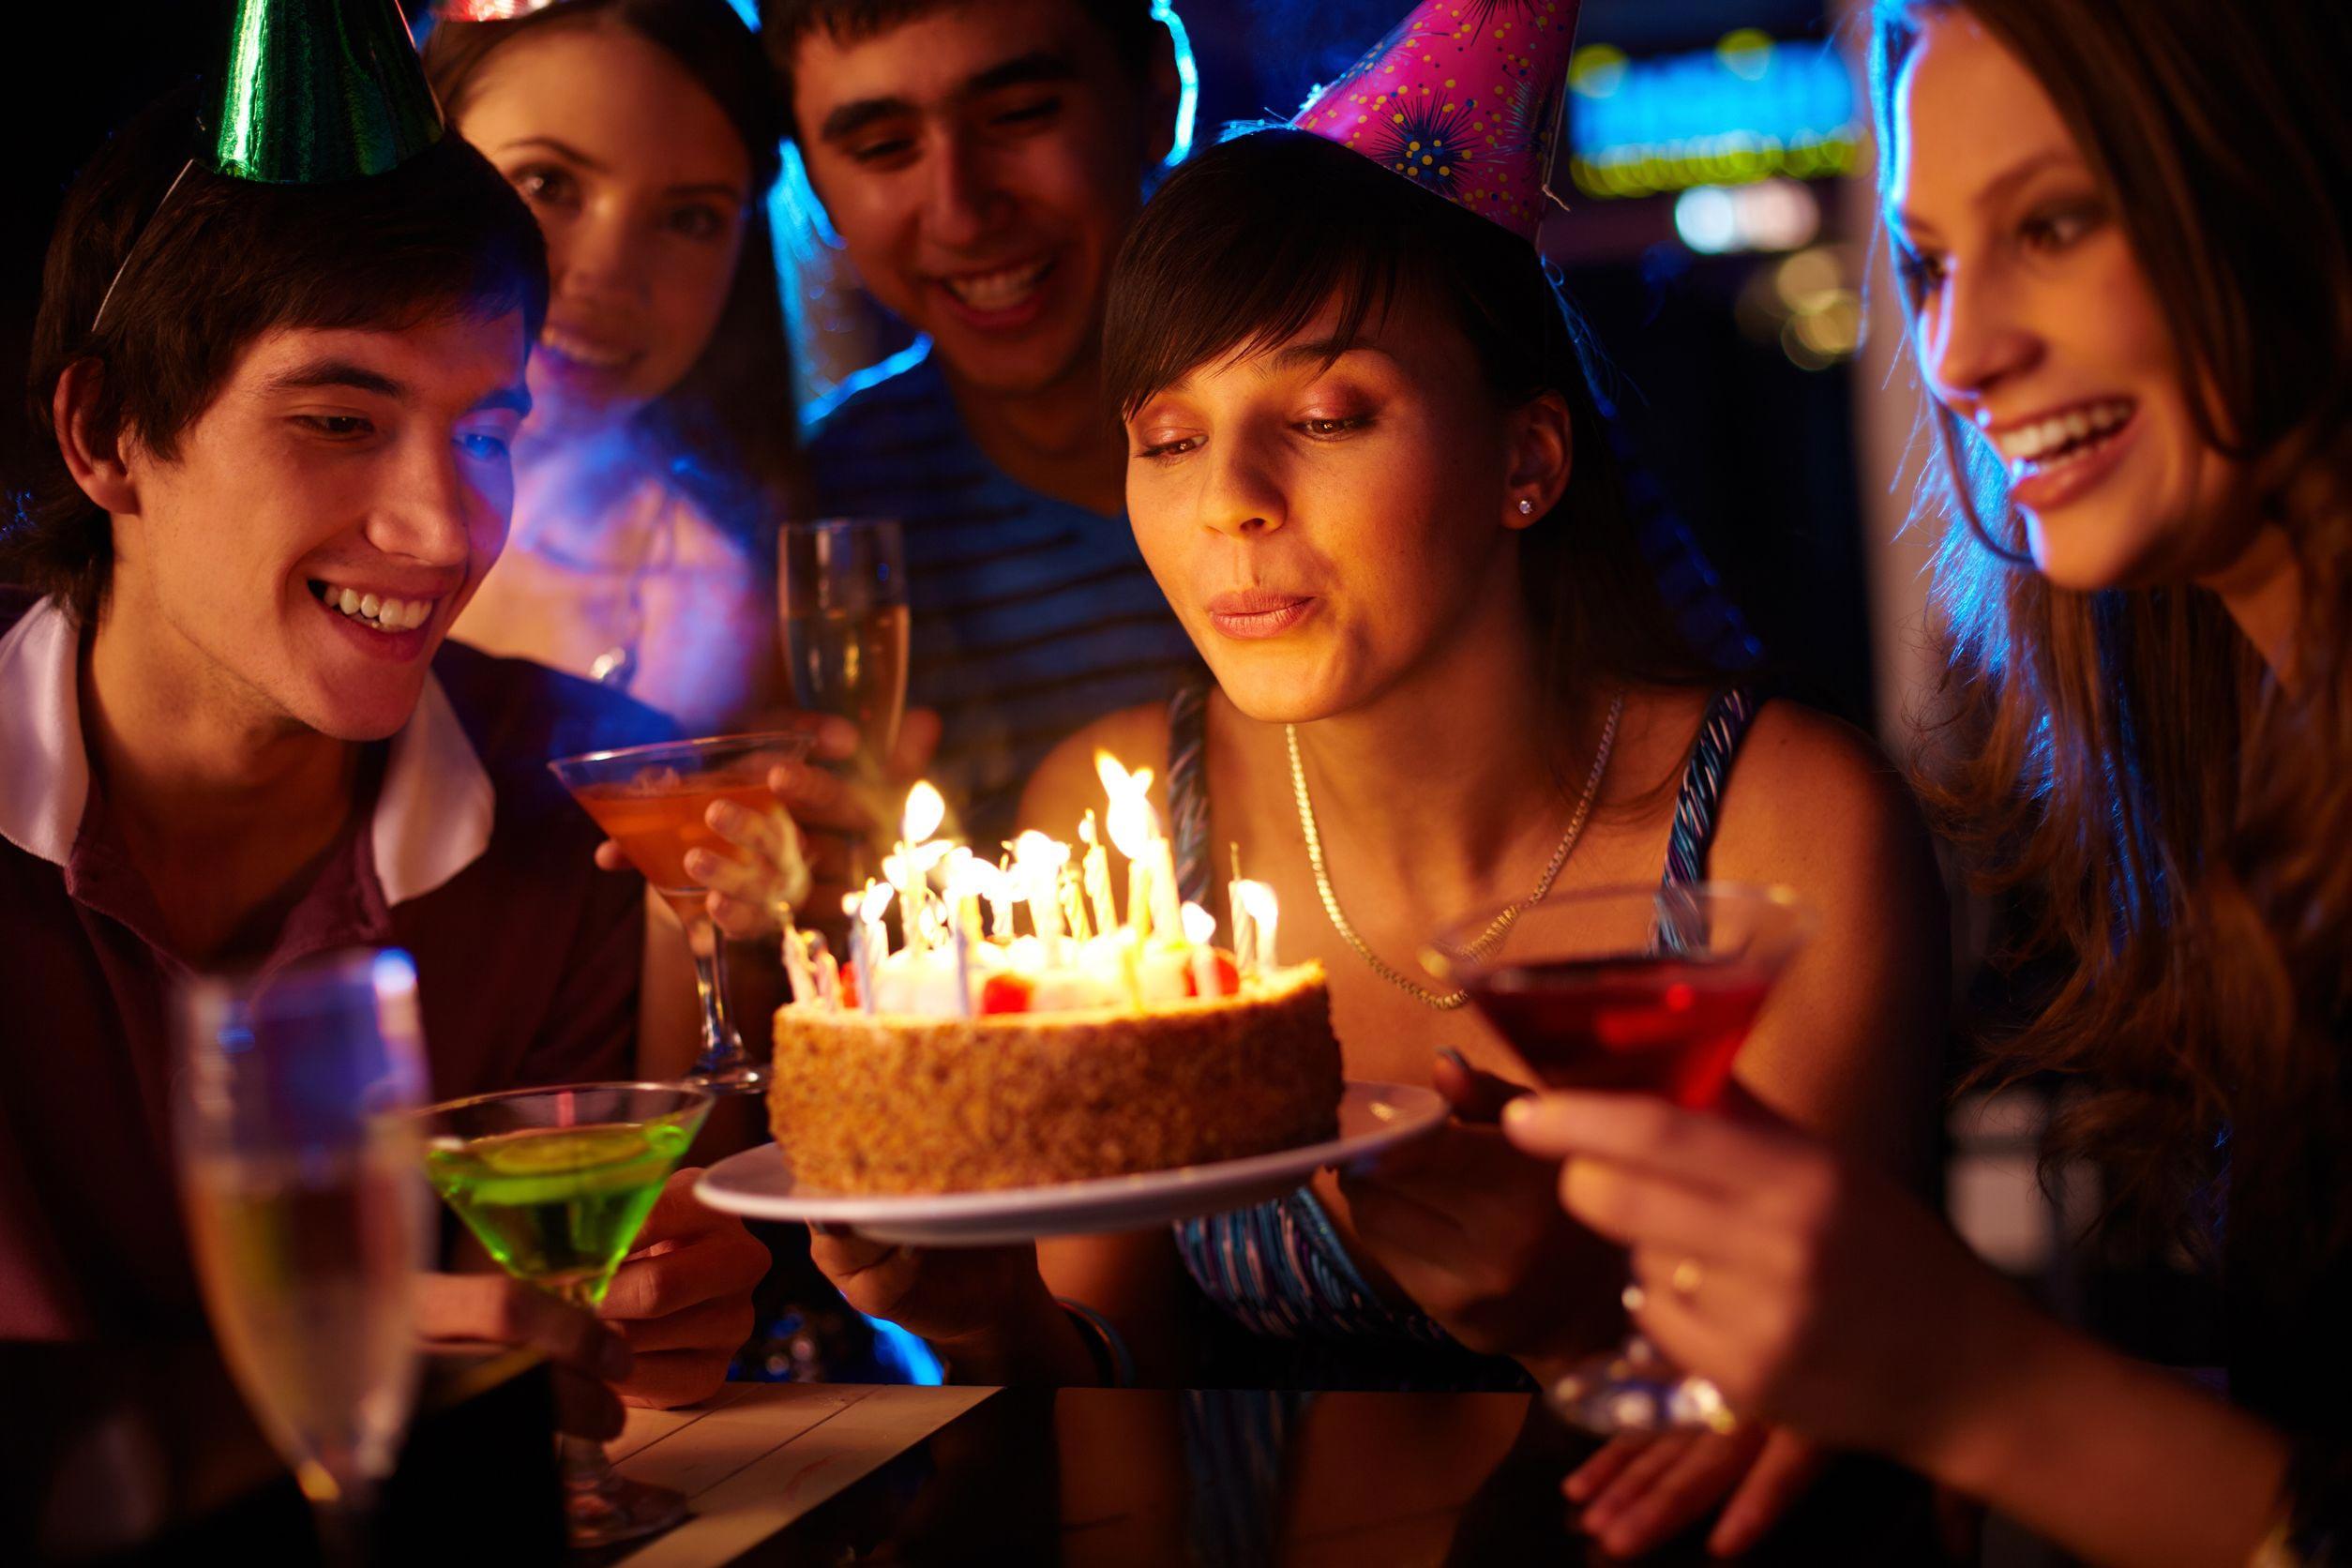 Как фотографировать мероприятие с свечами